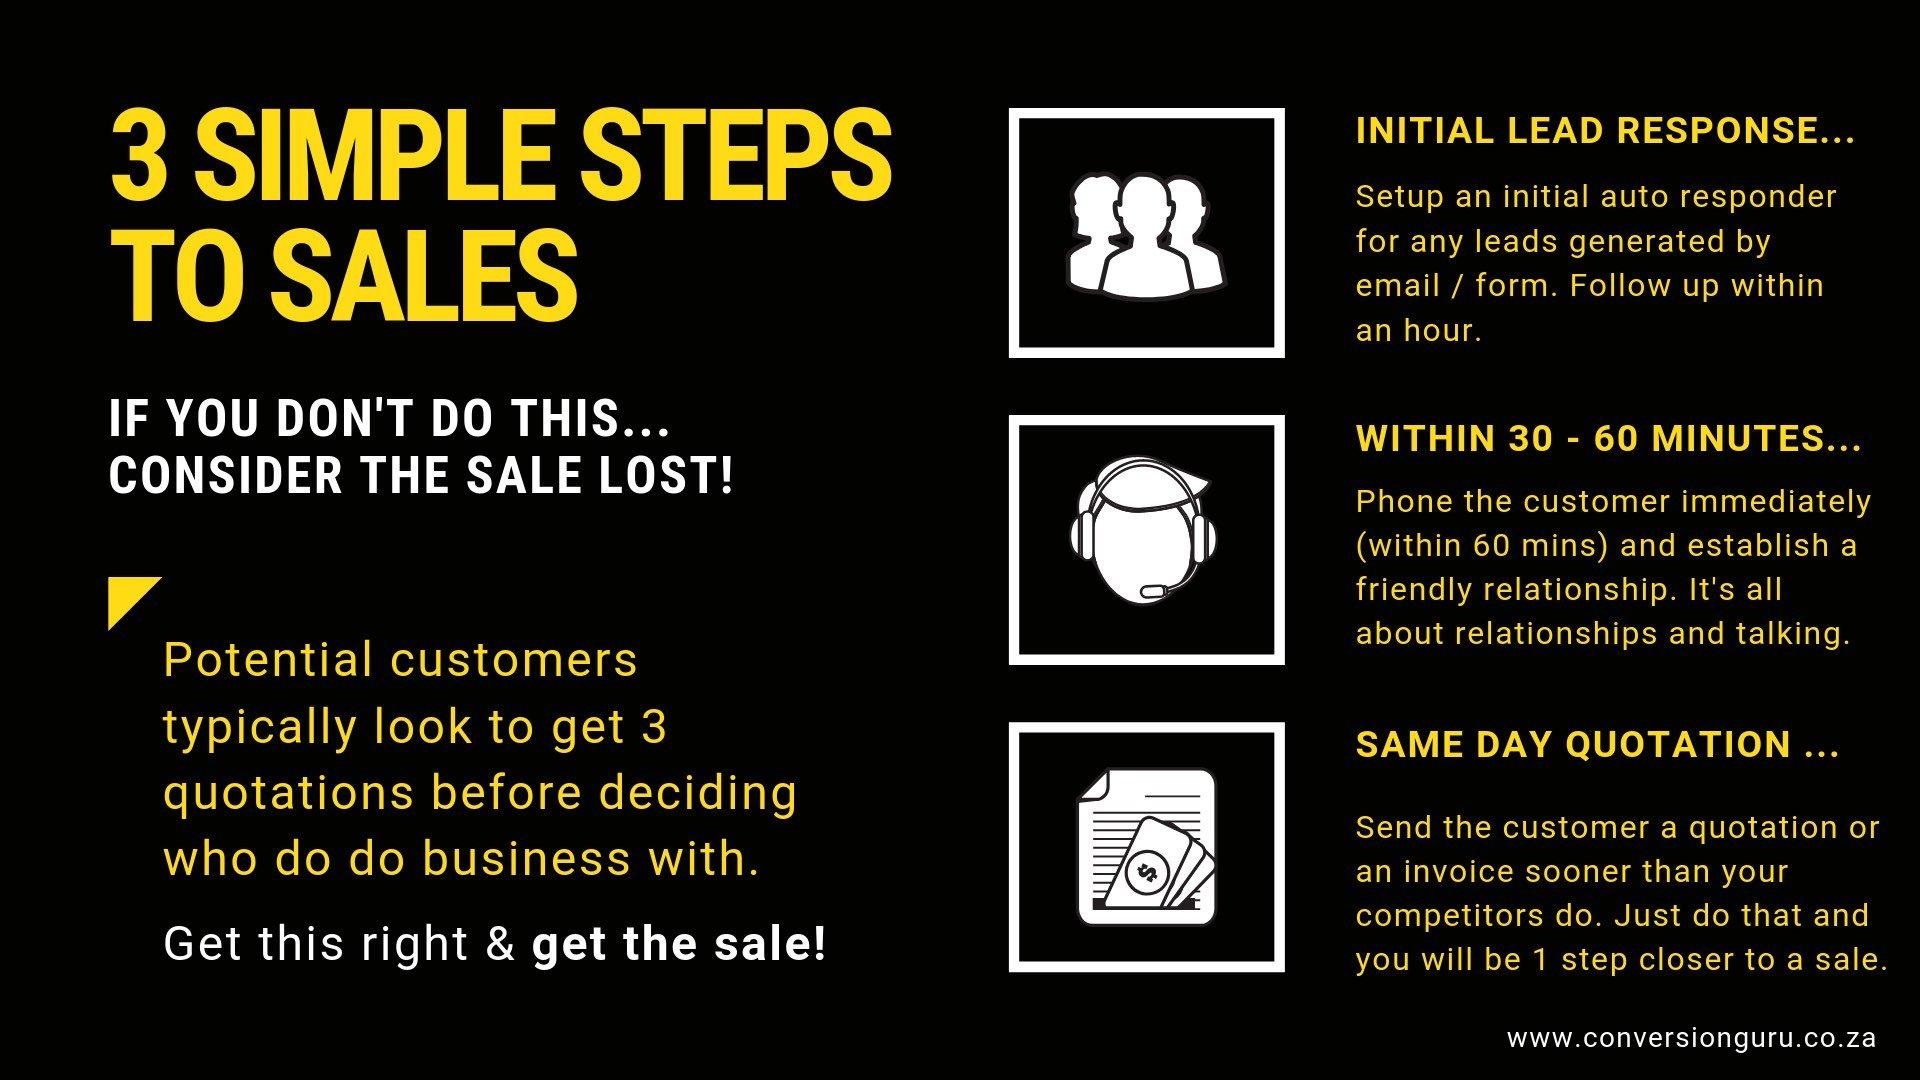 3 simple steps to sales 2